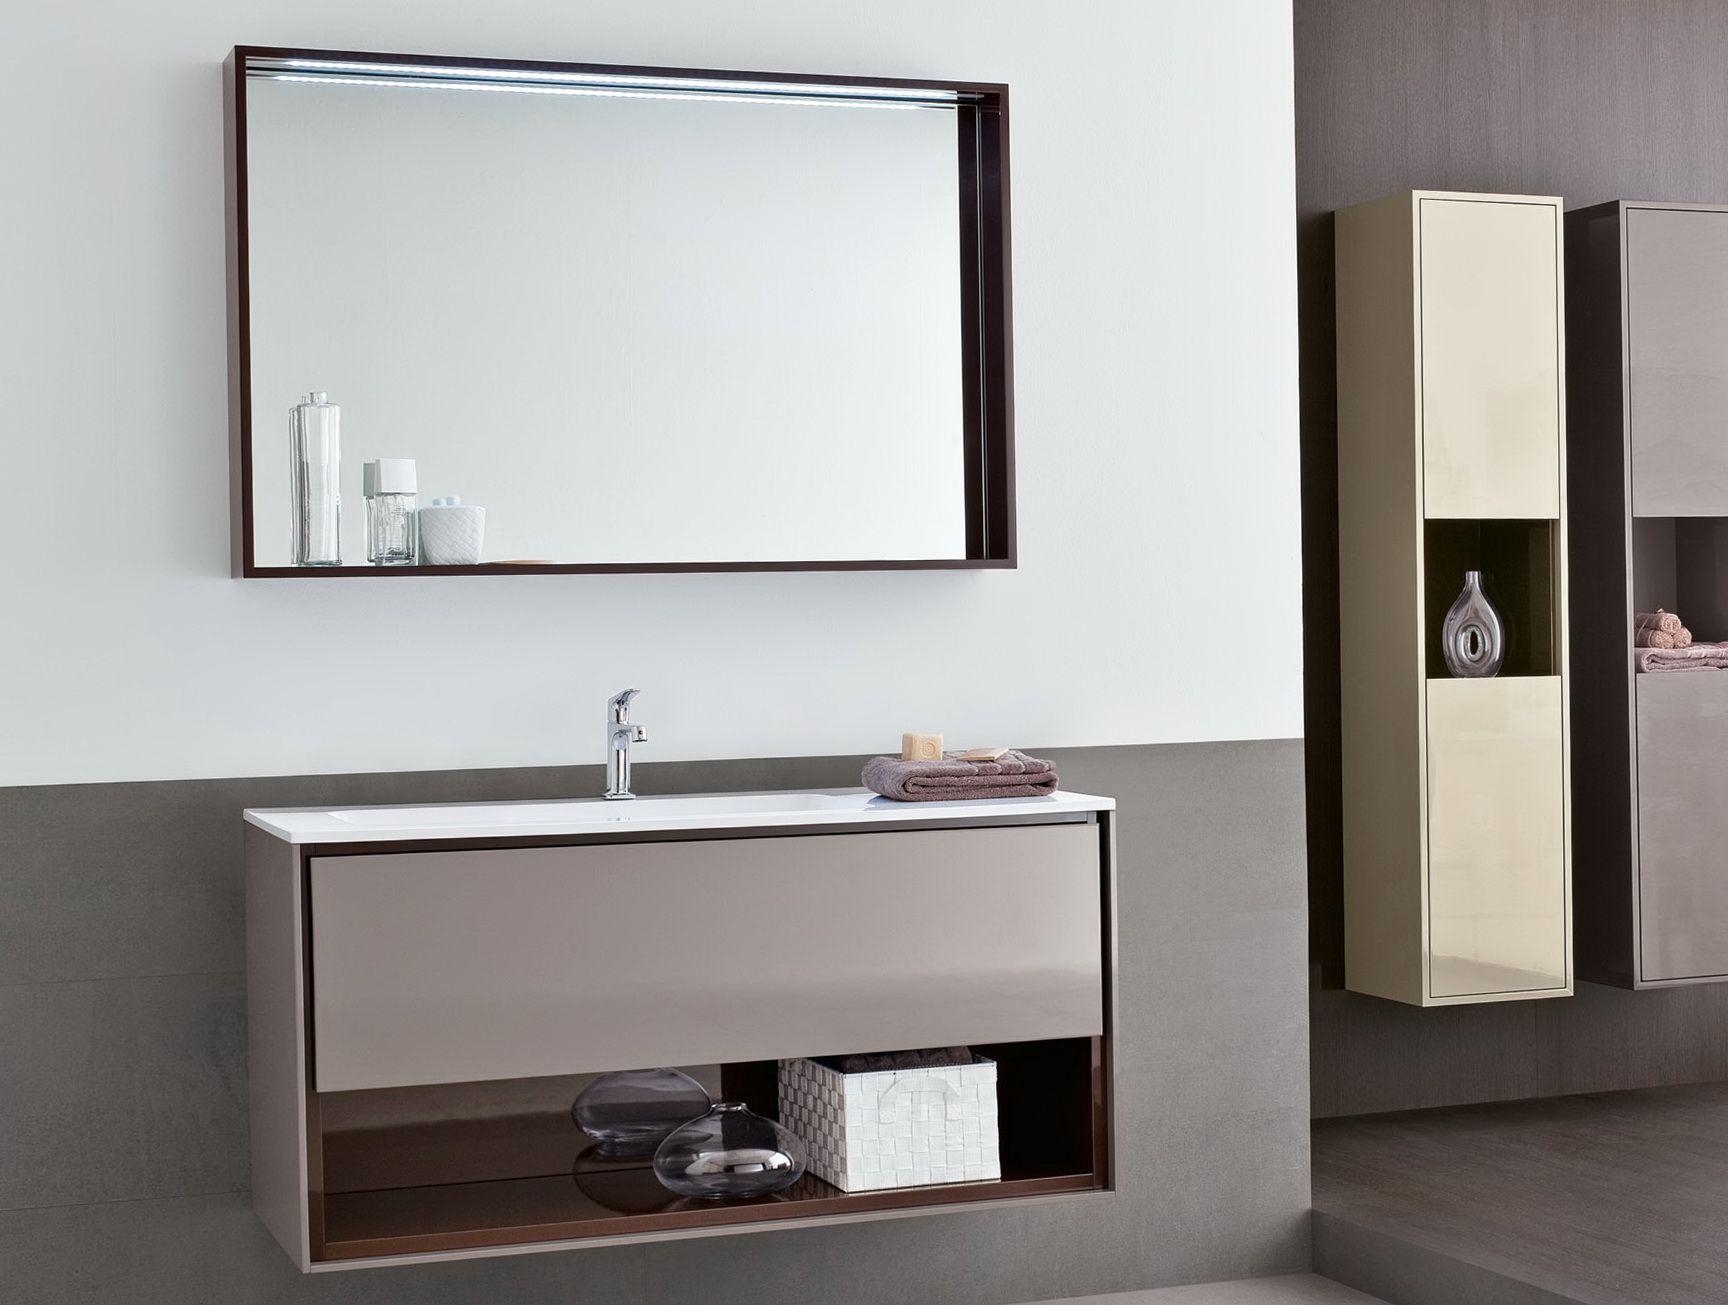 Nehmen Sie die Richtige Wahl, Großer Spiegel im Bad ...